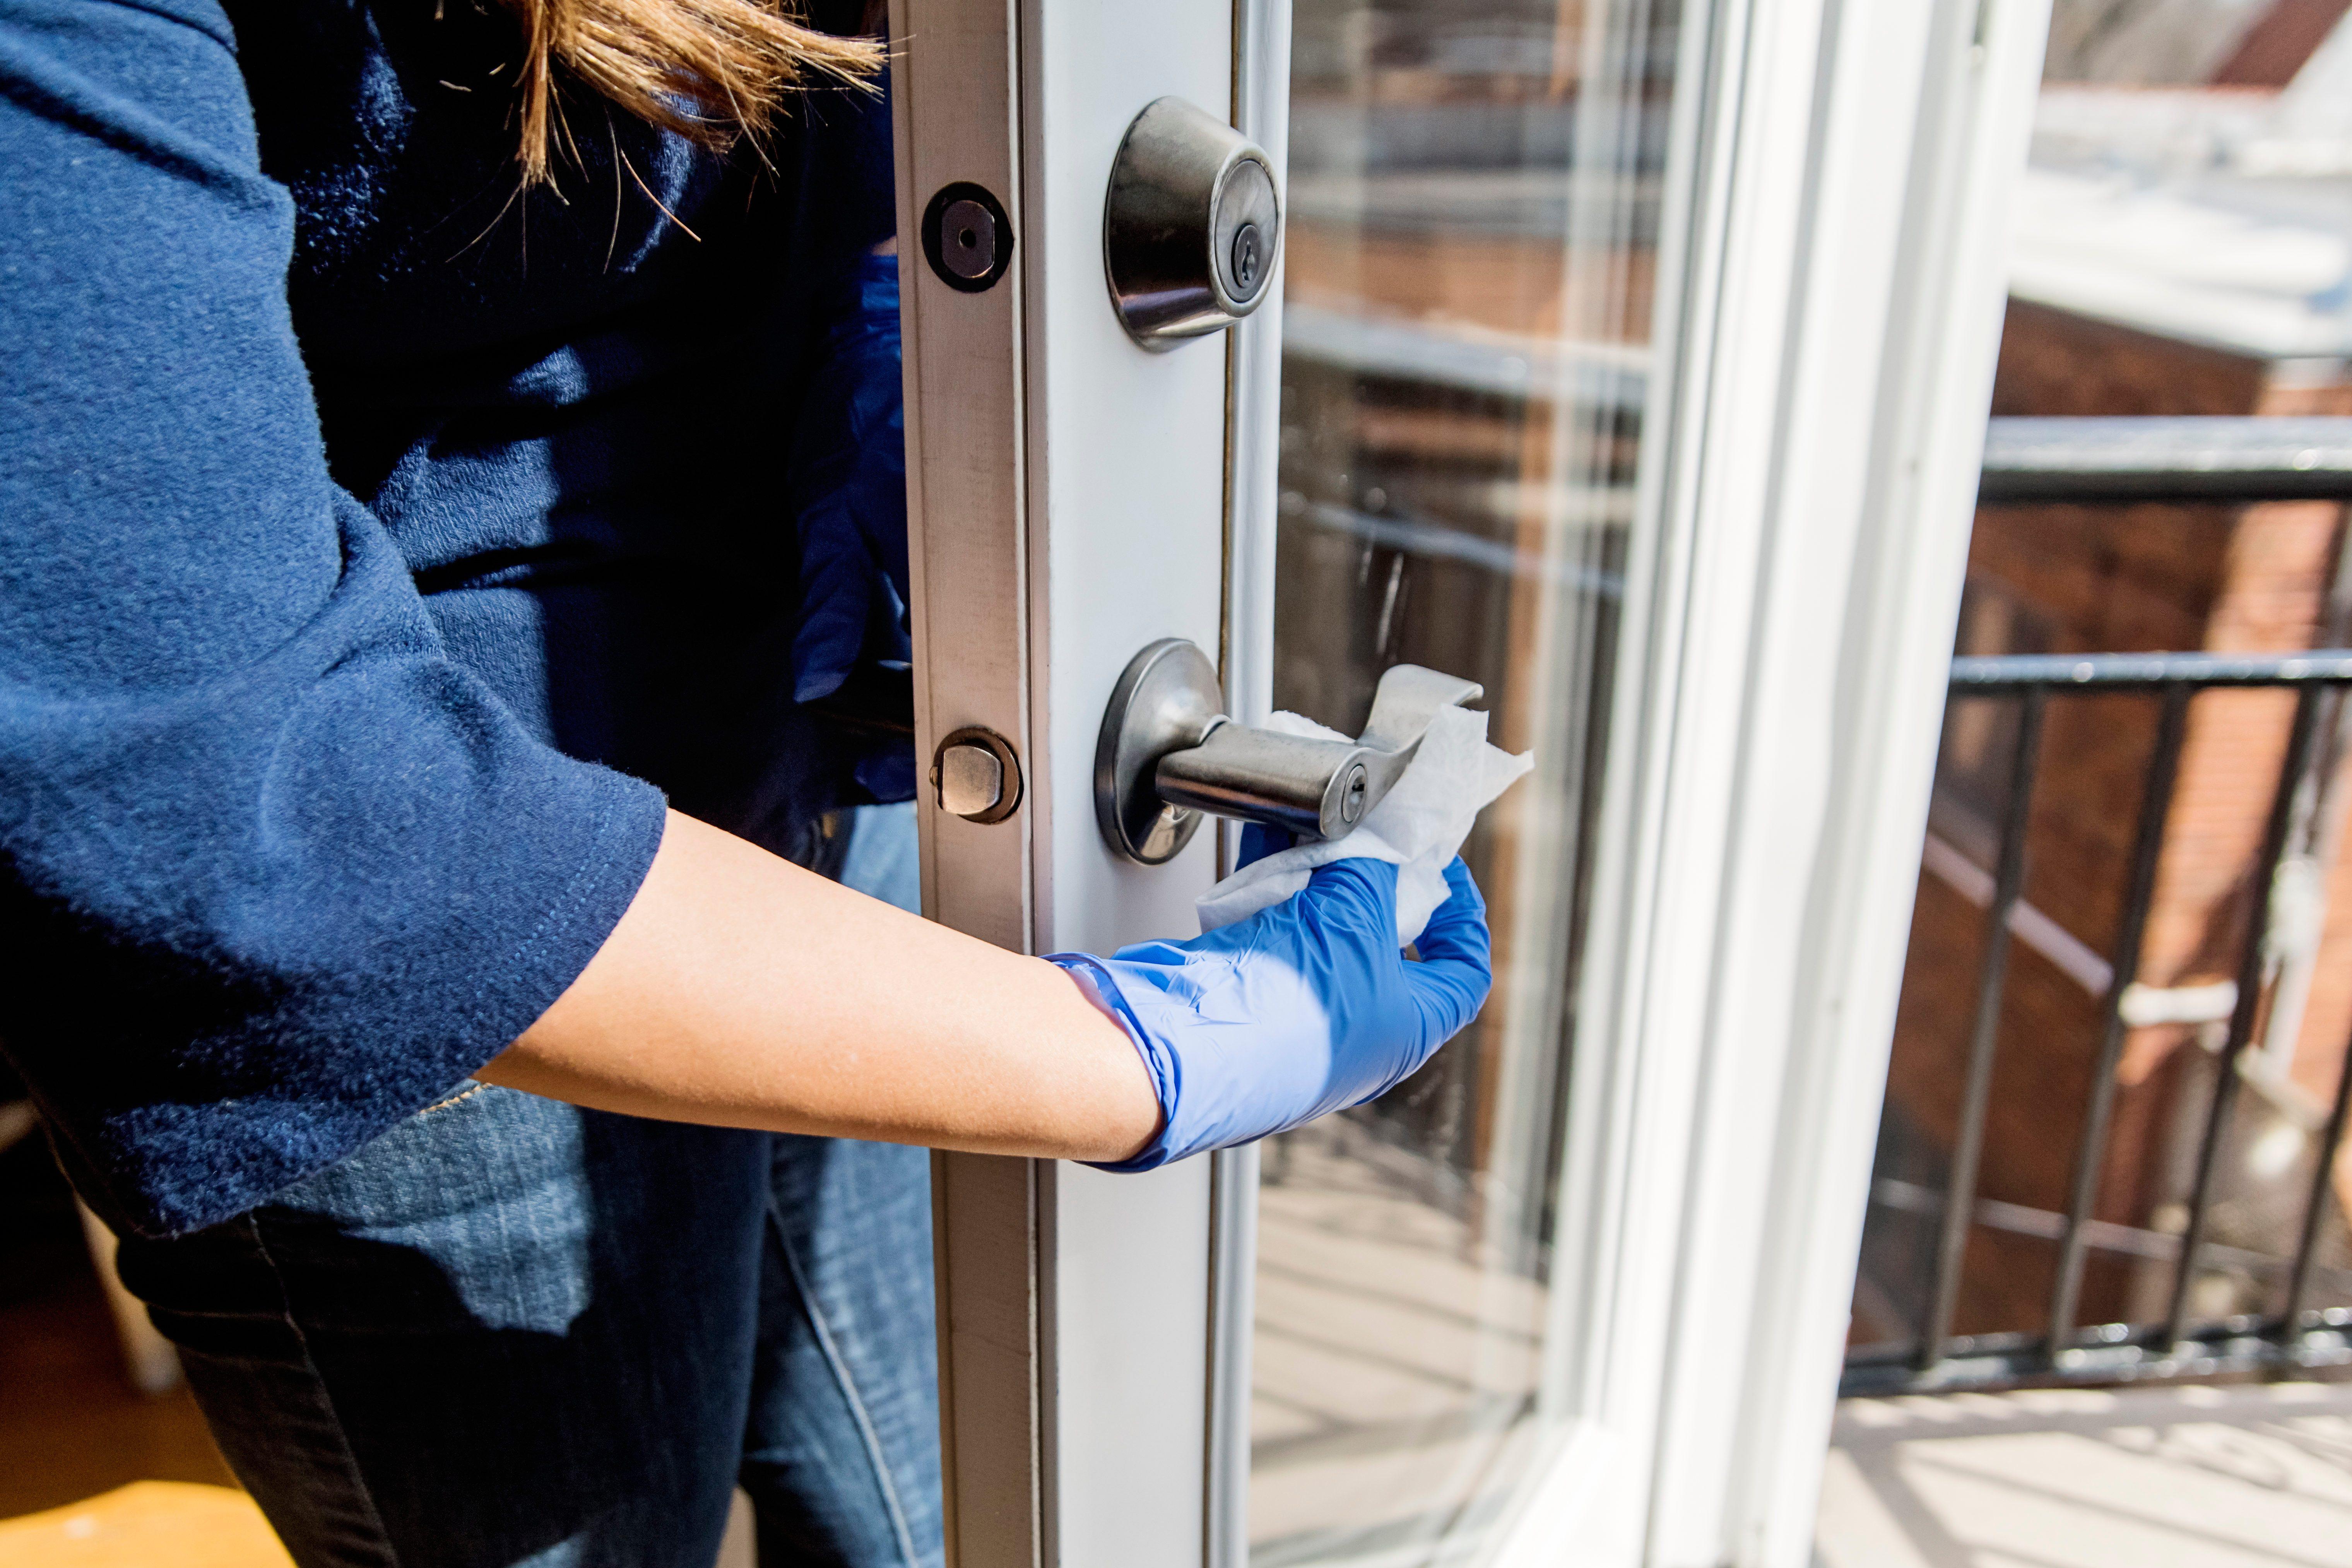 Woman with glove wiping door handle.